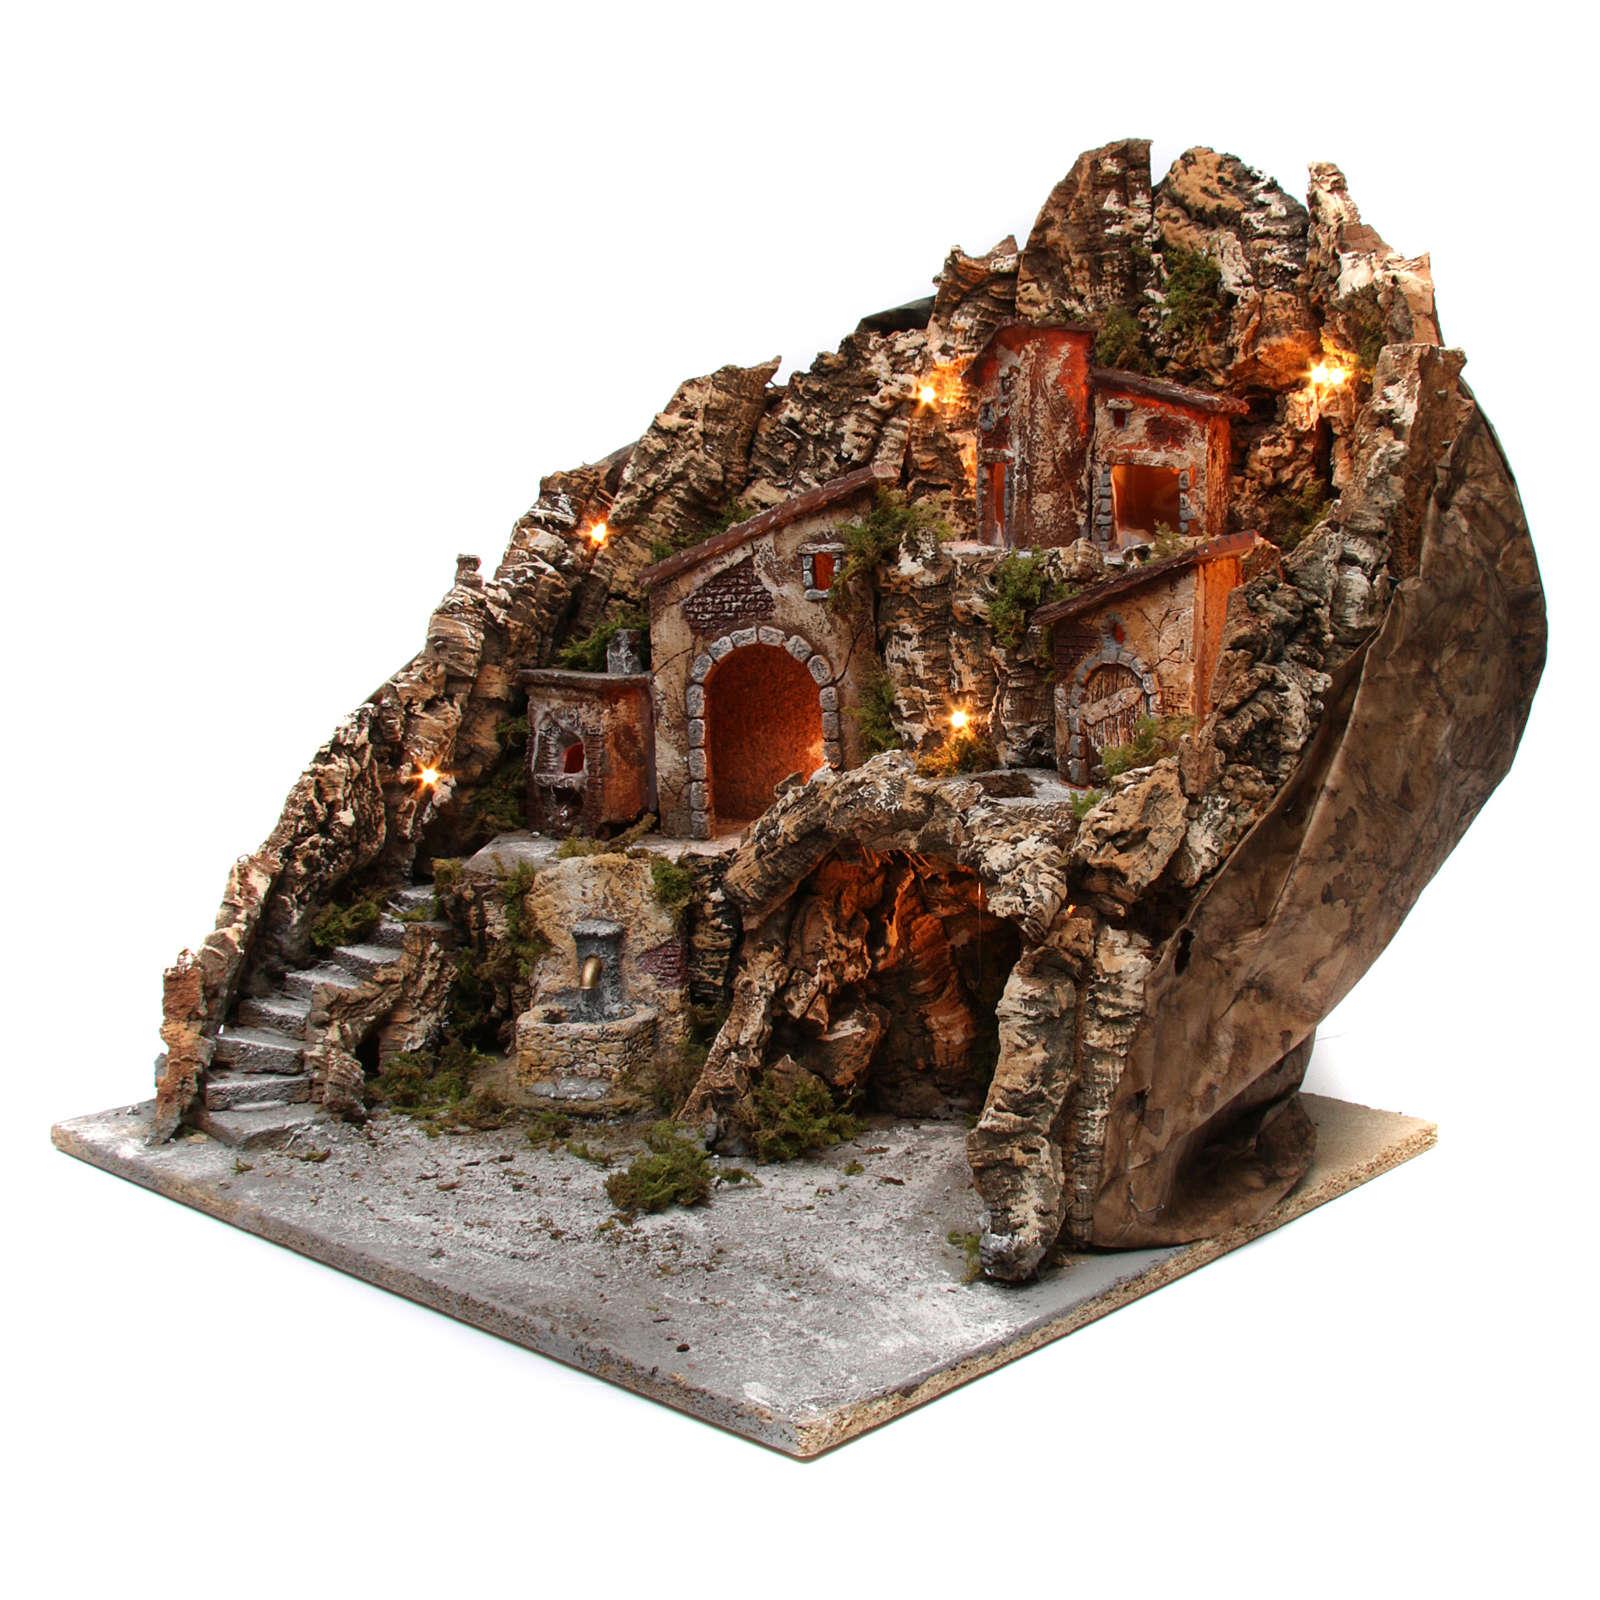 Borgo presepe illuminato con forno fontana e grotta 50X55X60 cm presepe napoletano 4